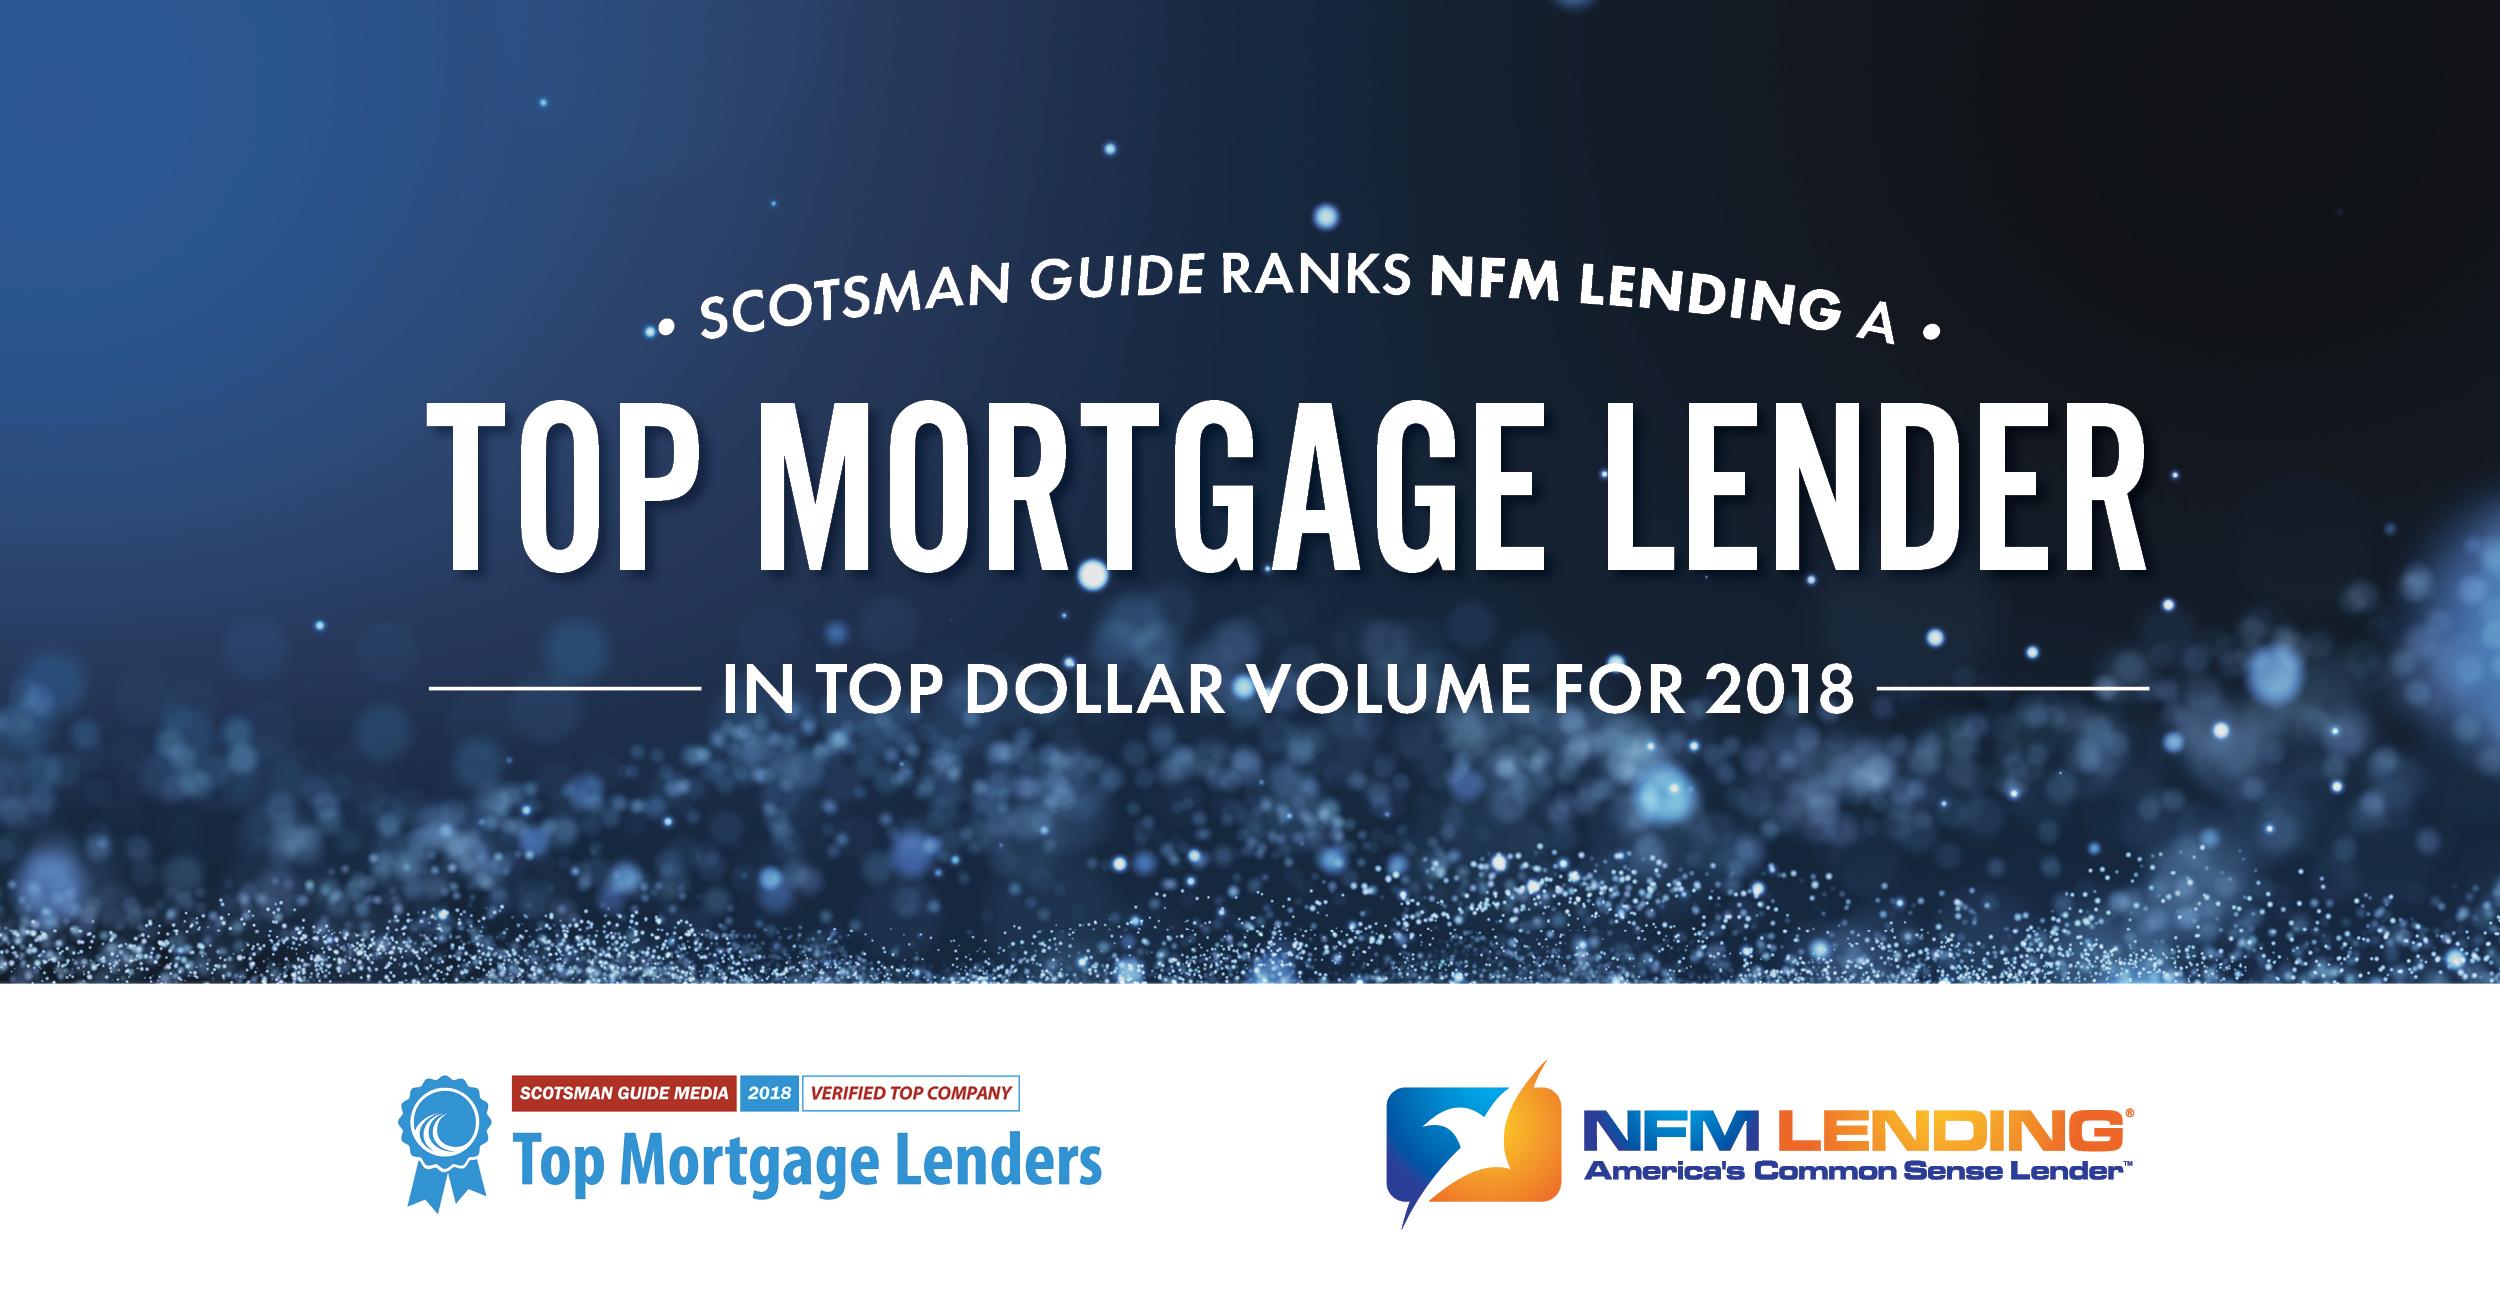 Top Mortgage Lenders 2018